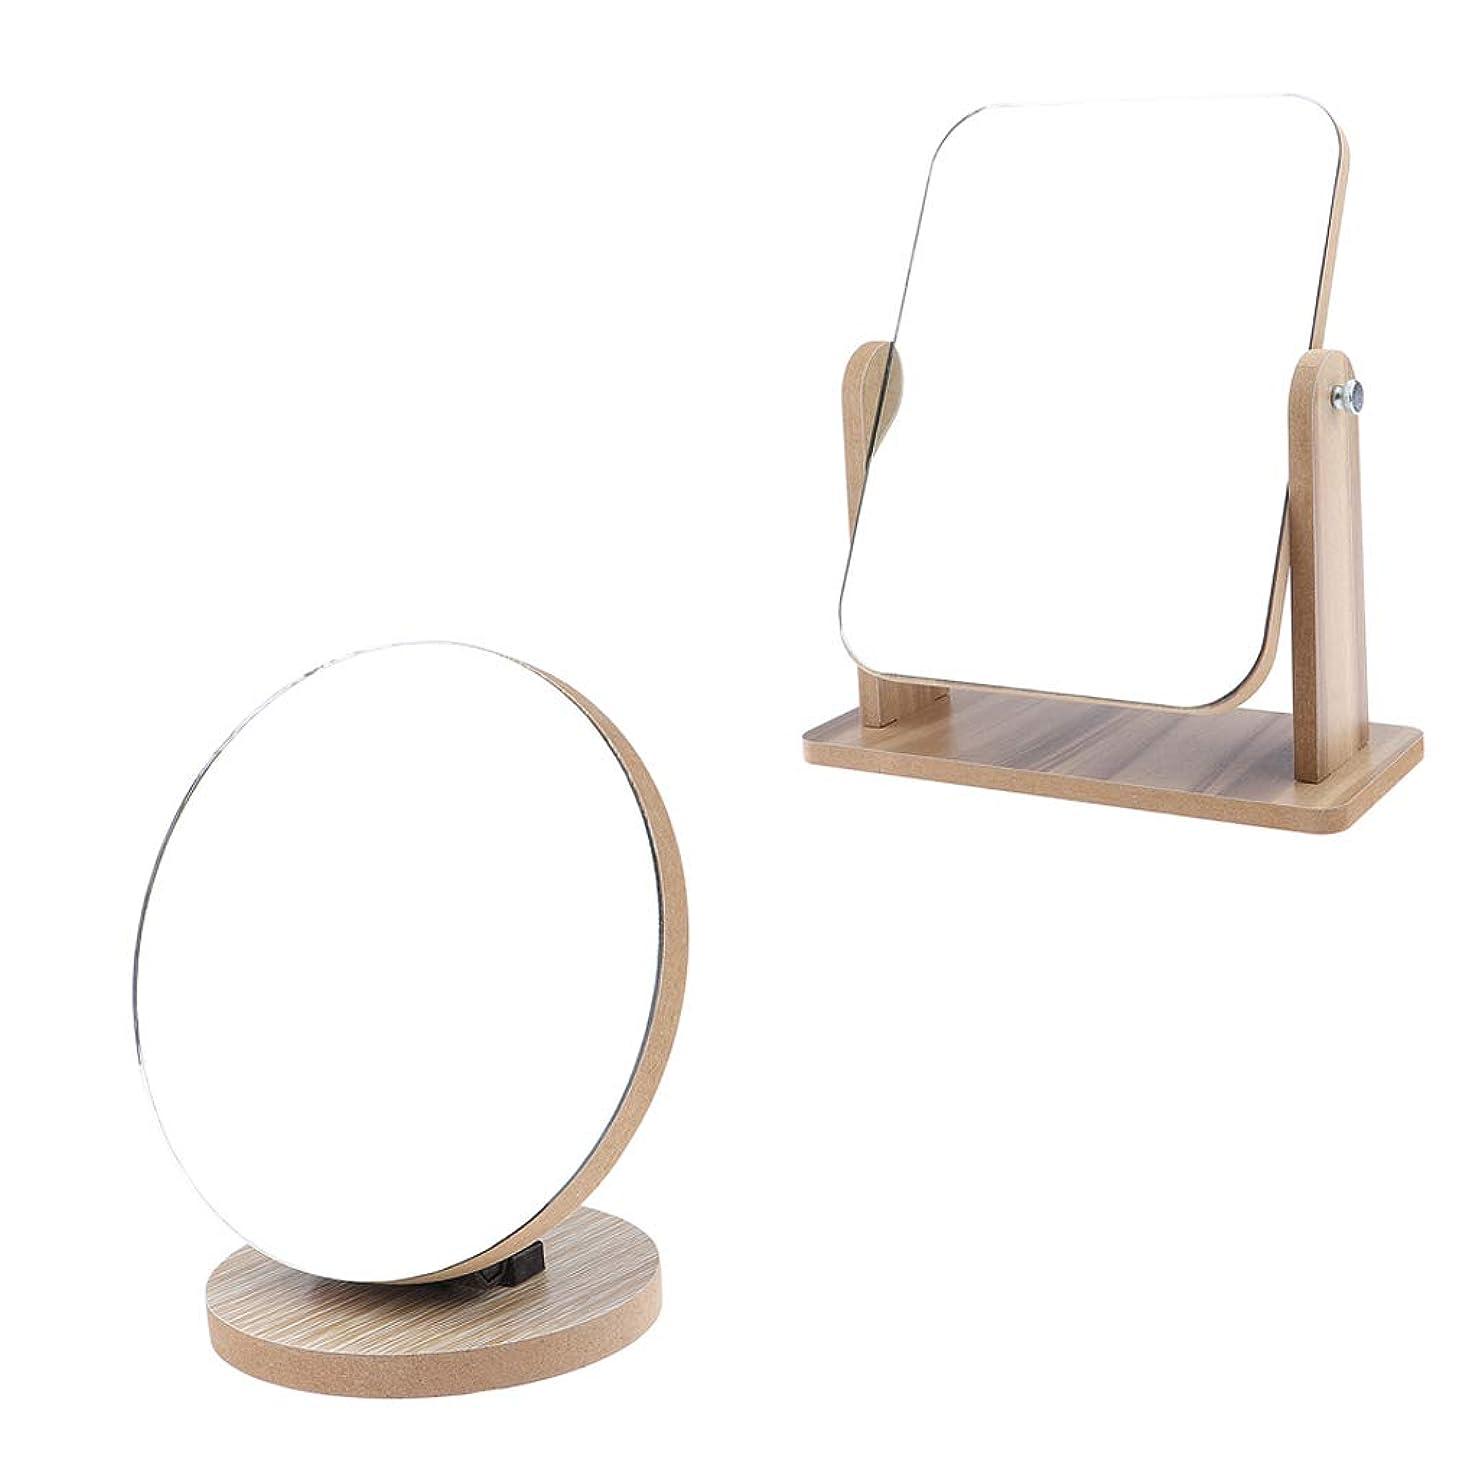 スローデンプシーデータベースToygogo 化粧鏡 スタンド 卓上 化粧ミラー 化粧 鏡 折り畳み デスクトップ化粧鏡 卓上ミラー